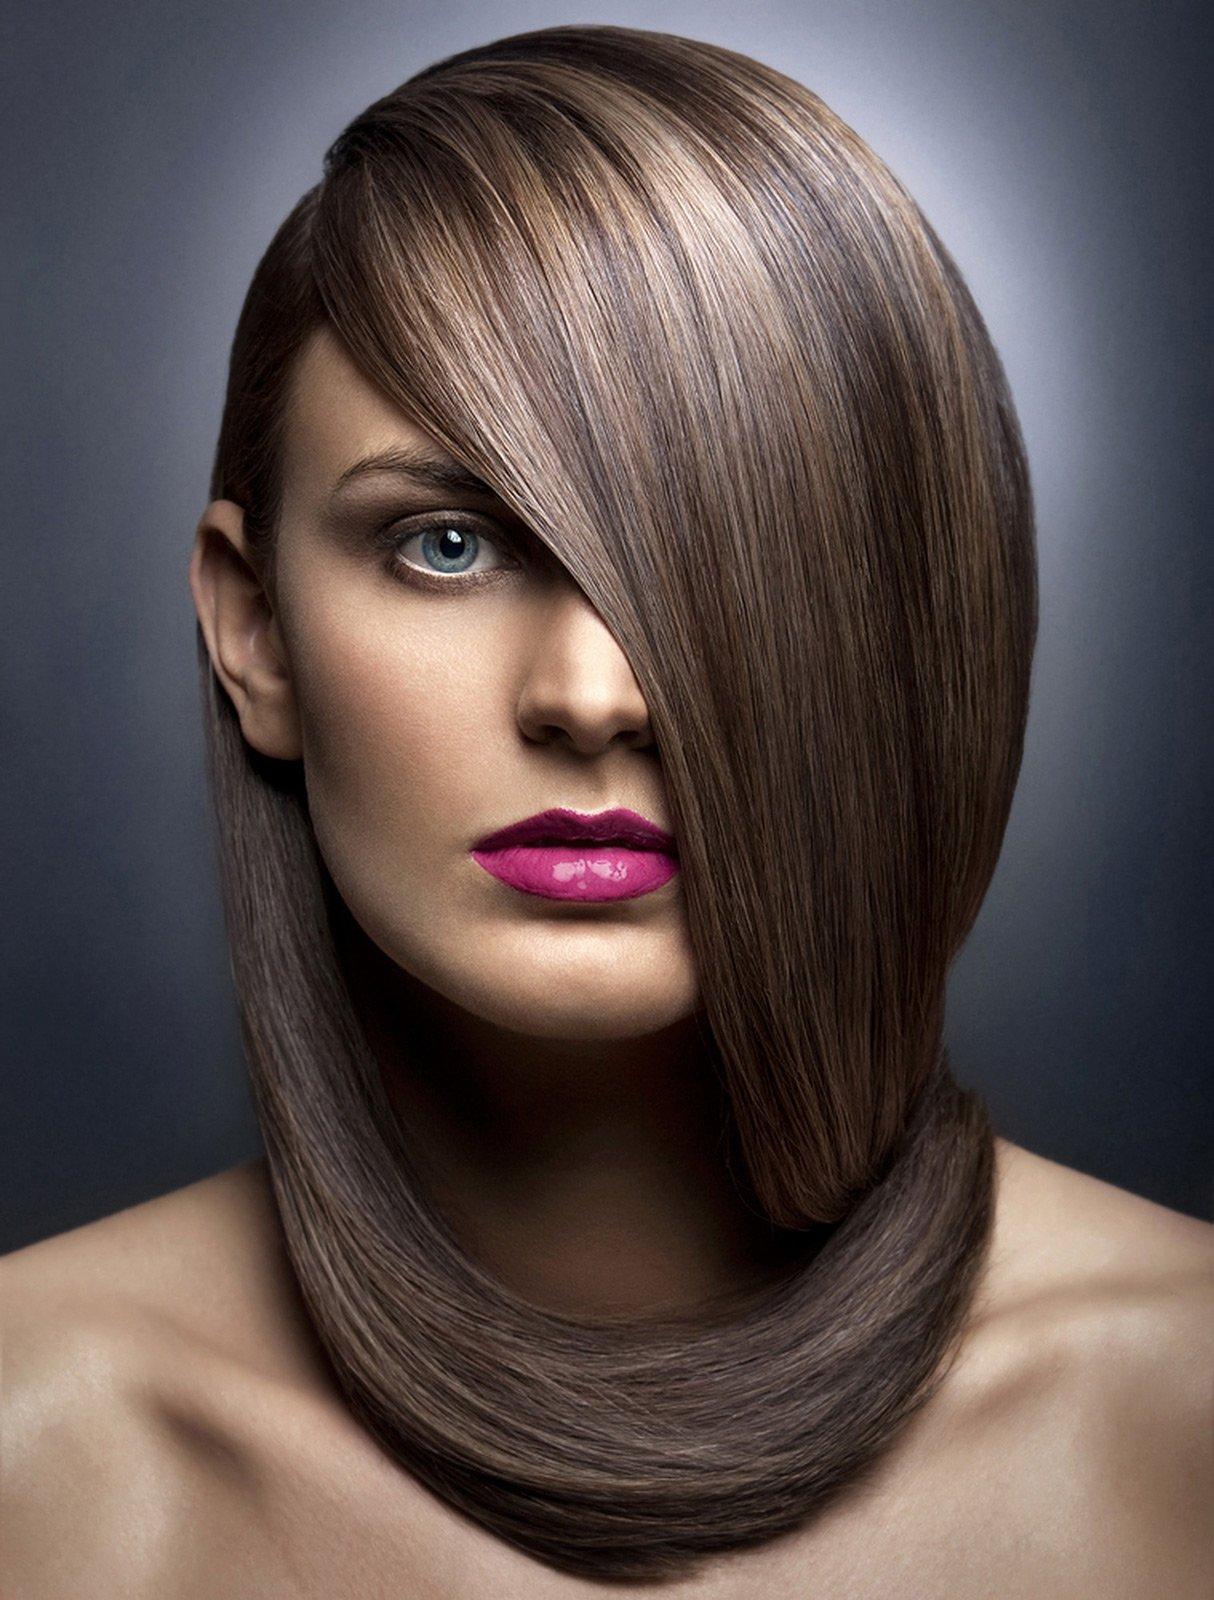 мнению создателей красивое тонирование волос фото приходи, последуй